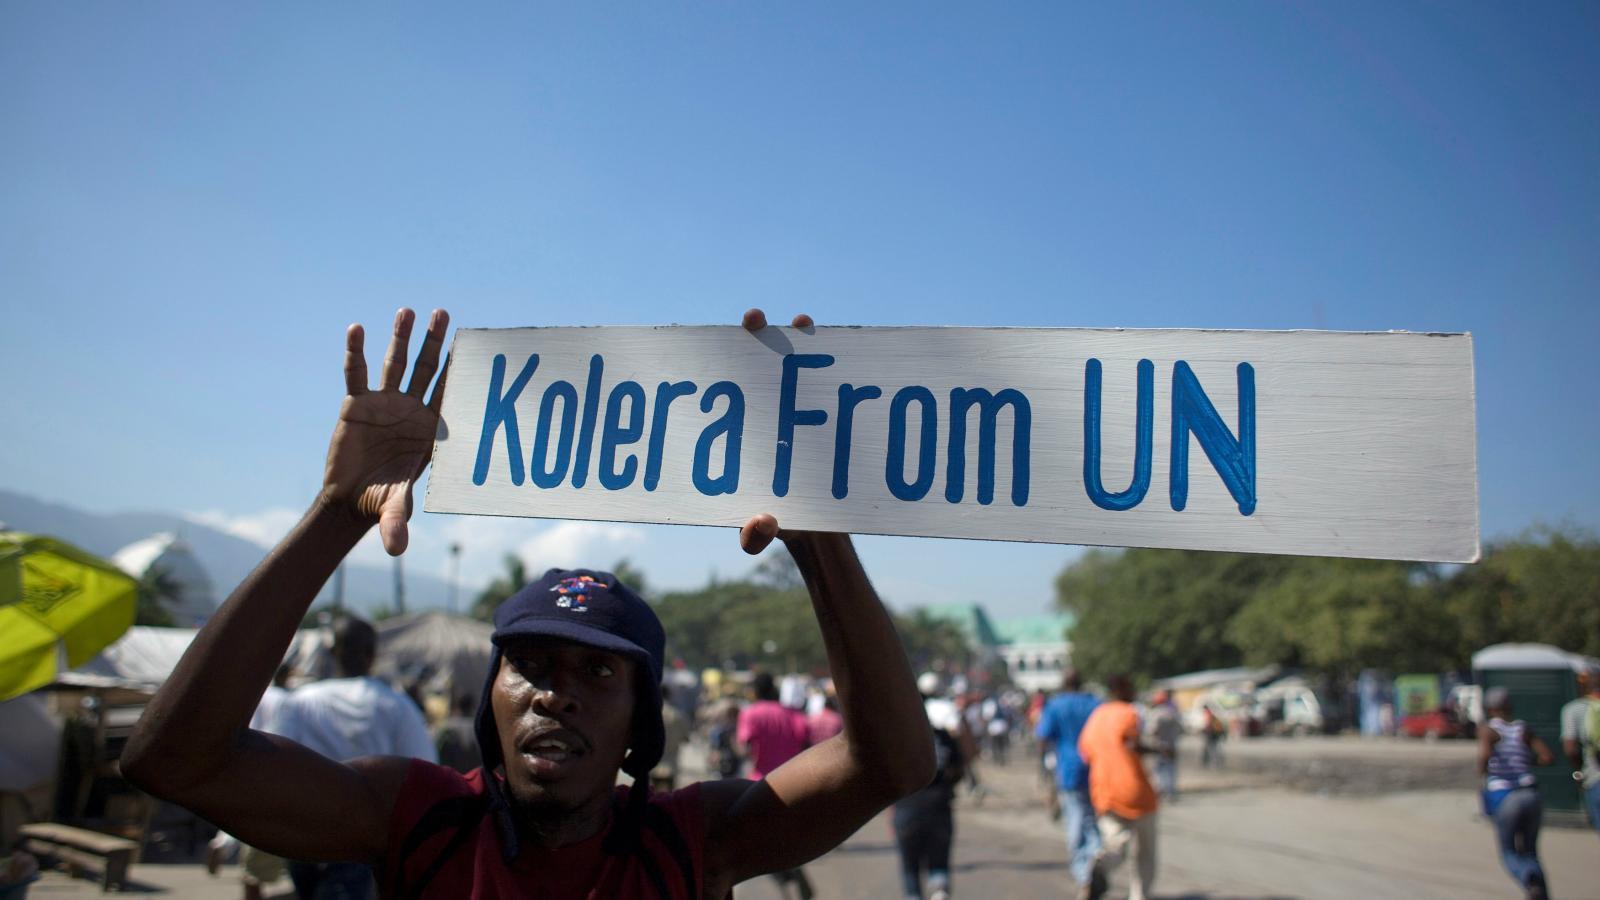 Пандемия скрыла ошибки. ООН раскритиковали за провал борьбы с эпидемией...